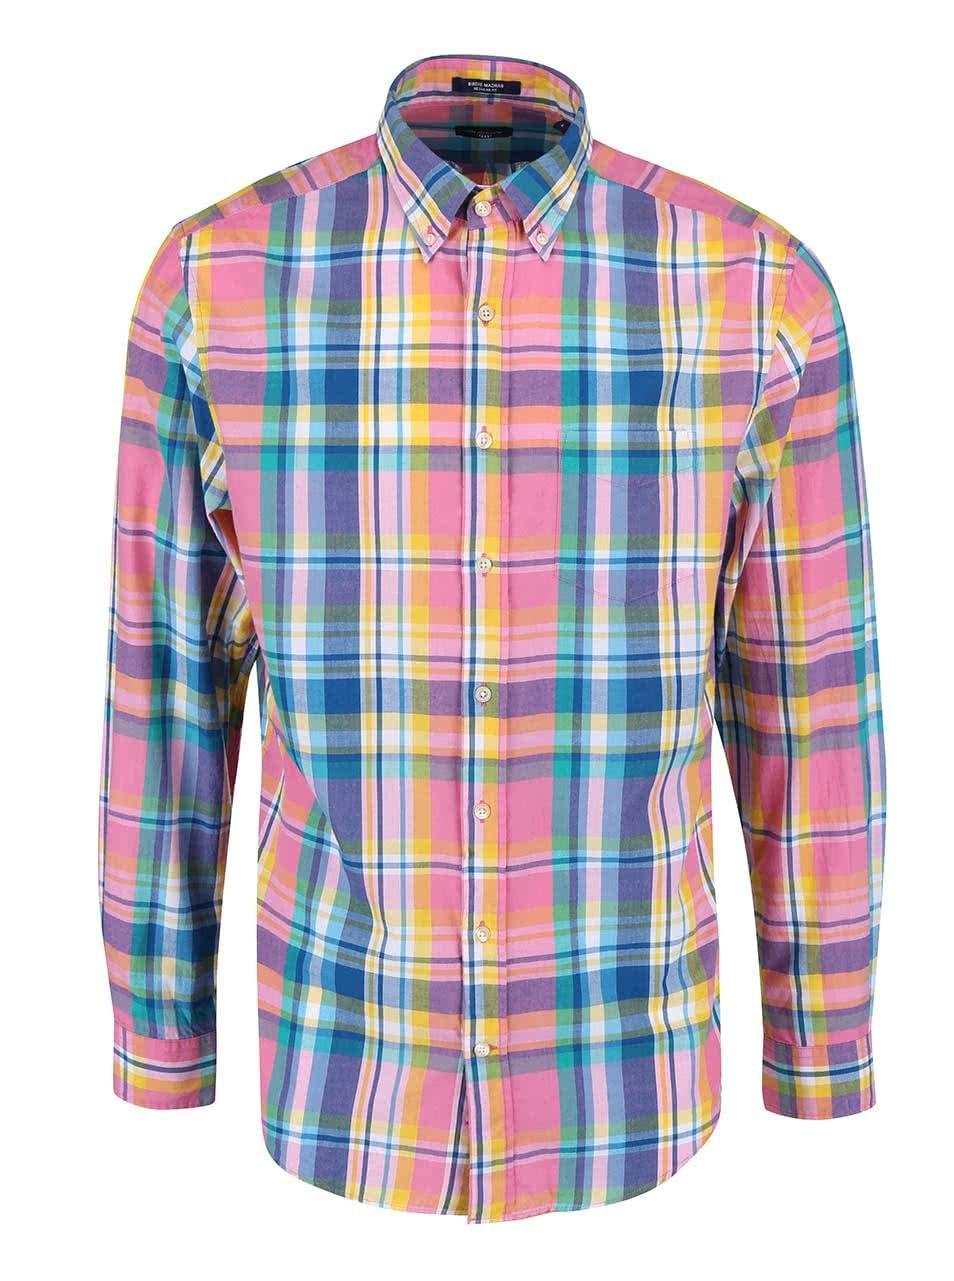 d0d4b764c939 Modro-ružová pánska kockovaná regular fit košeľa GANT ...